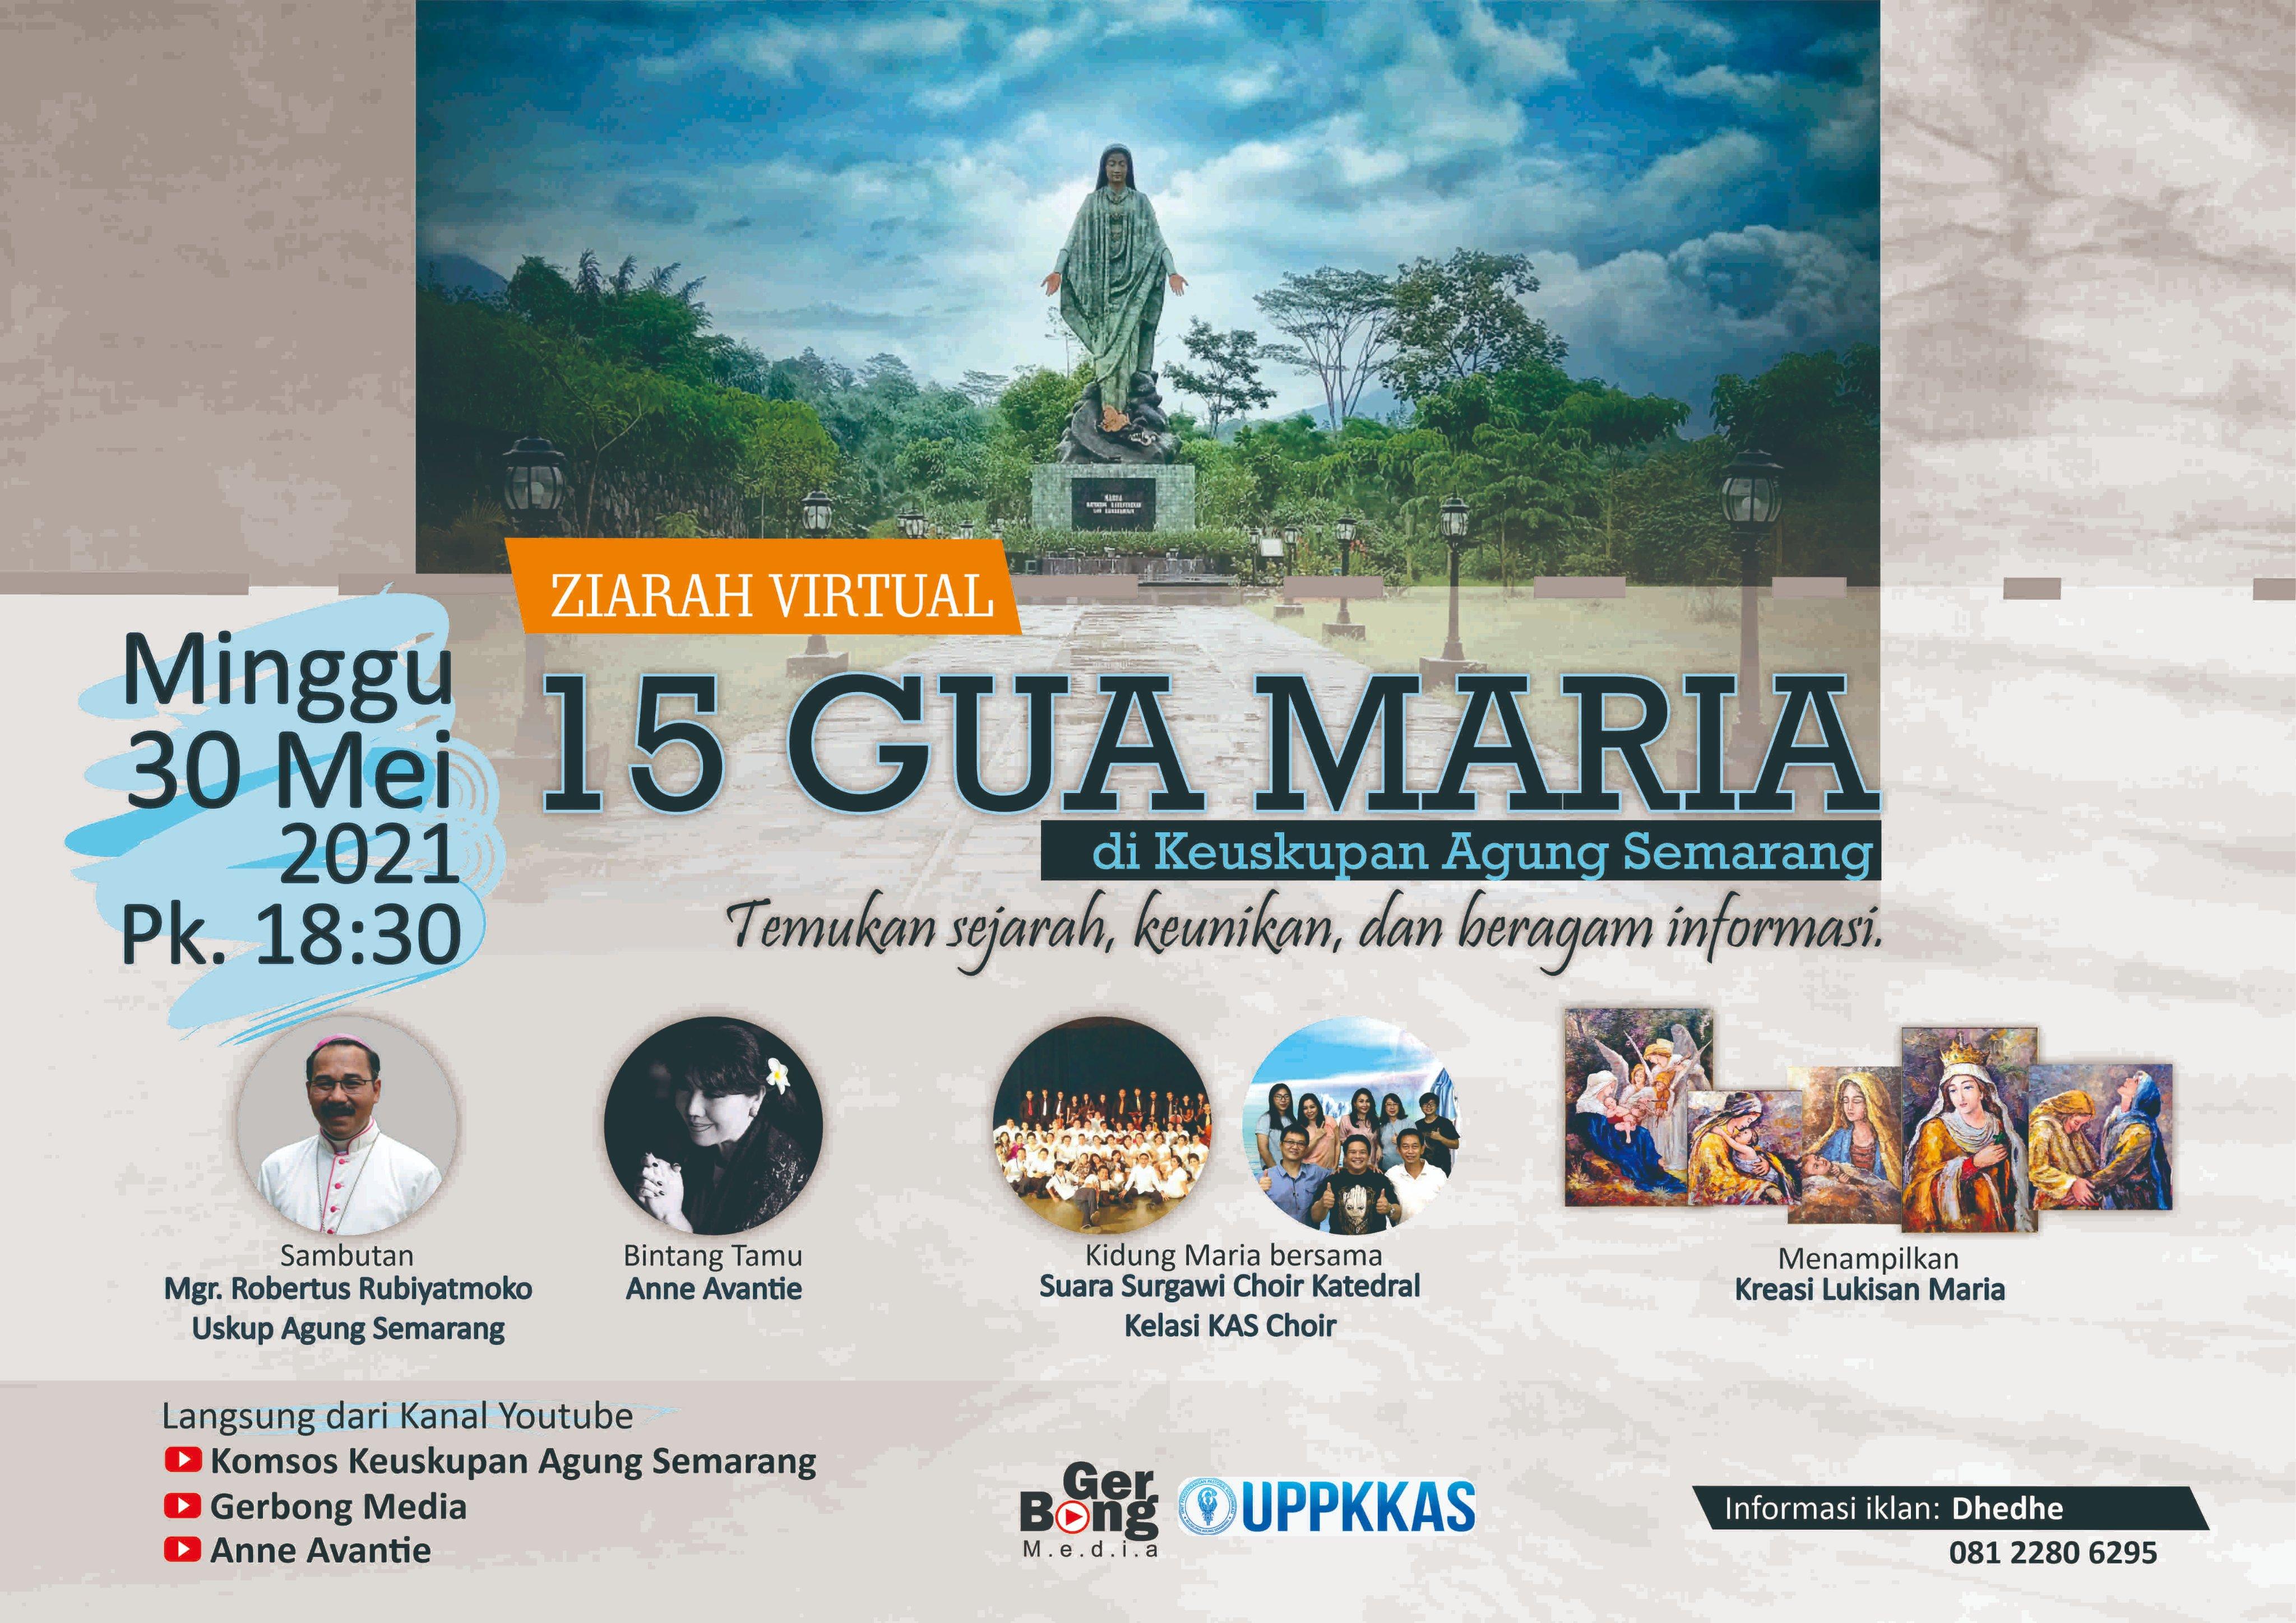 Ziarah Virtual 15 Gua Maria di Keuskupan Agung Semarang